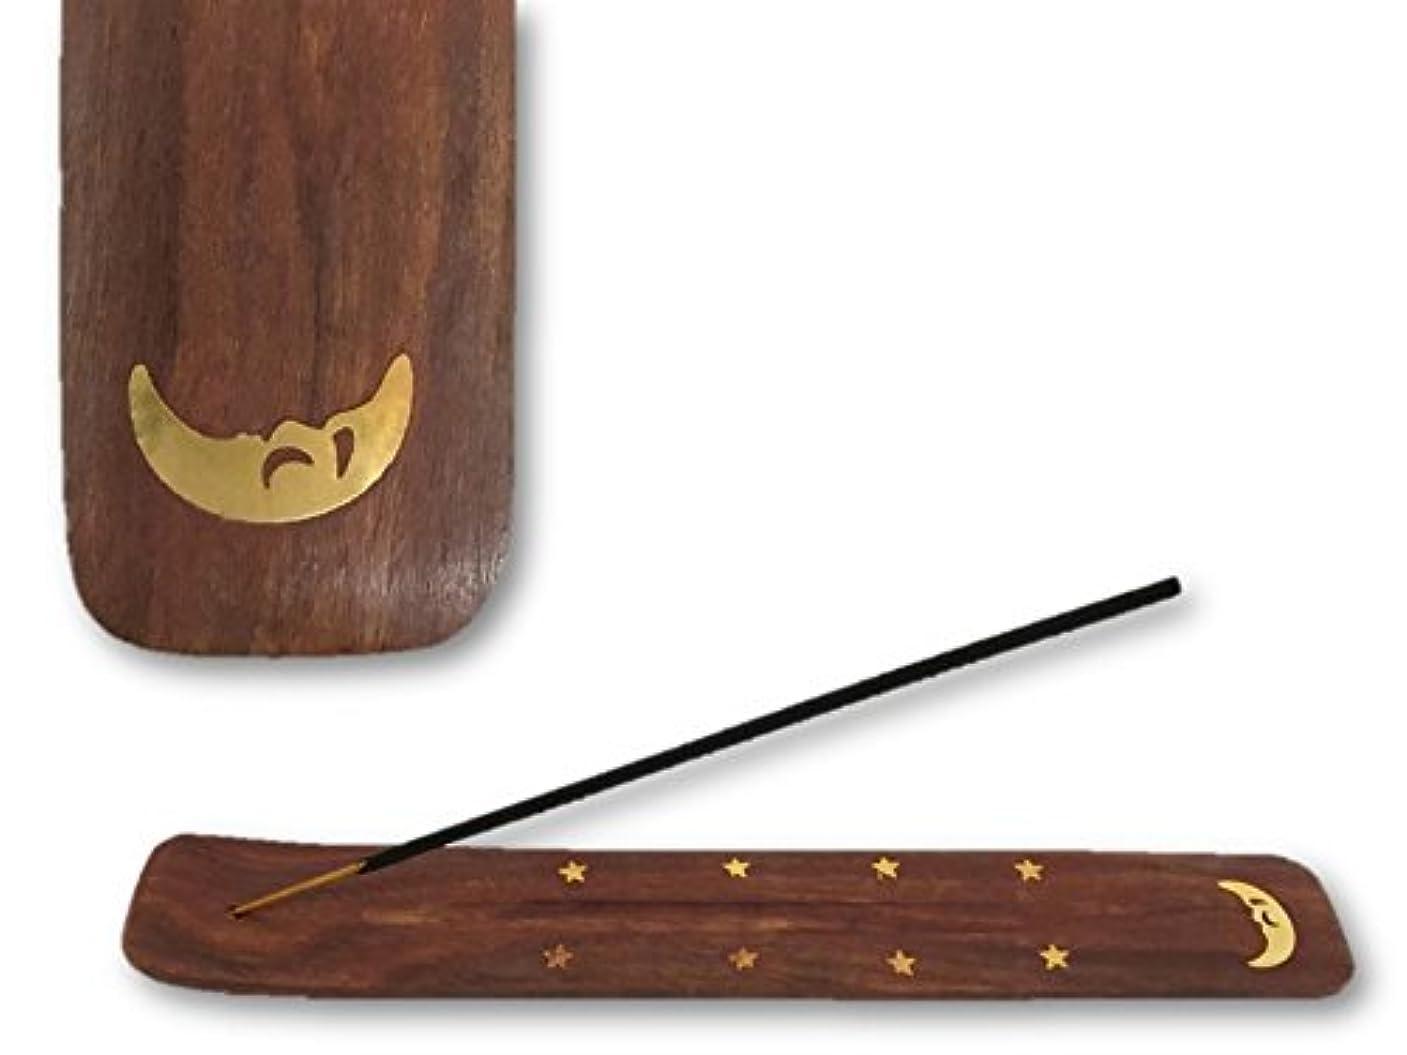 ディレイ取り除く連結するお香スティック:平型 お香立て/ムーン/10インチ/シーシャムウッド/ハンドメイド